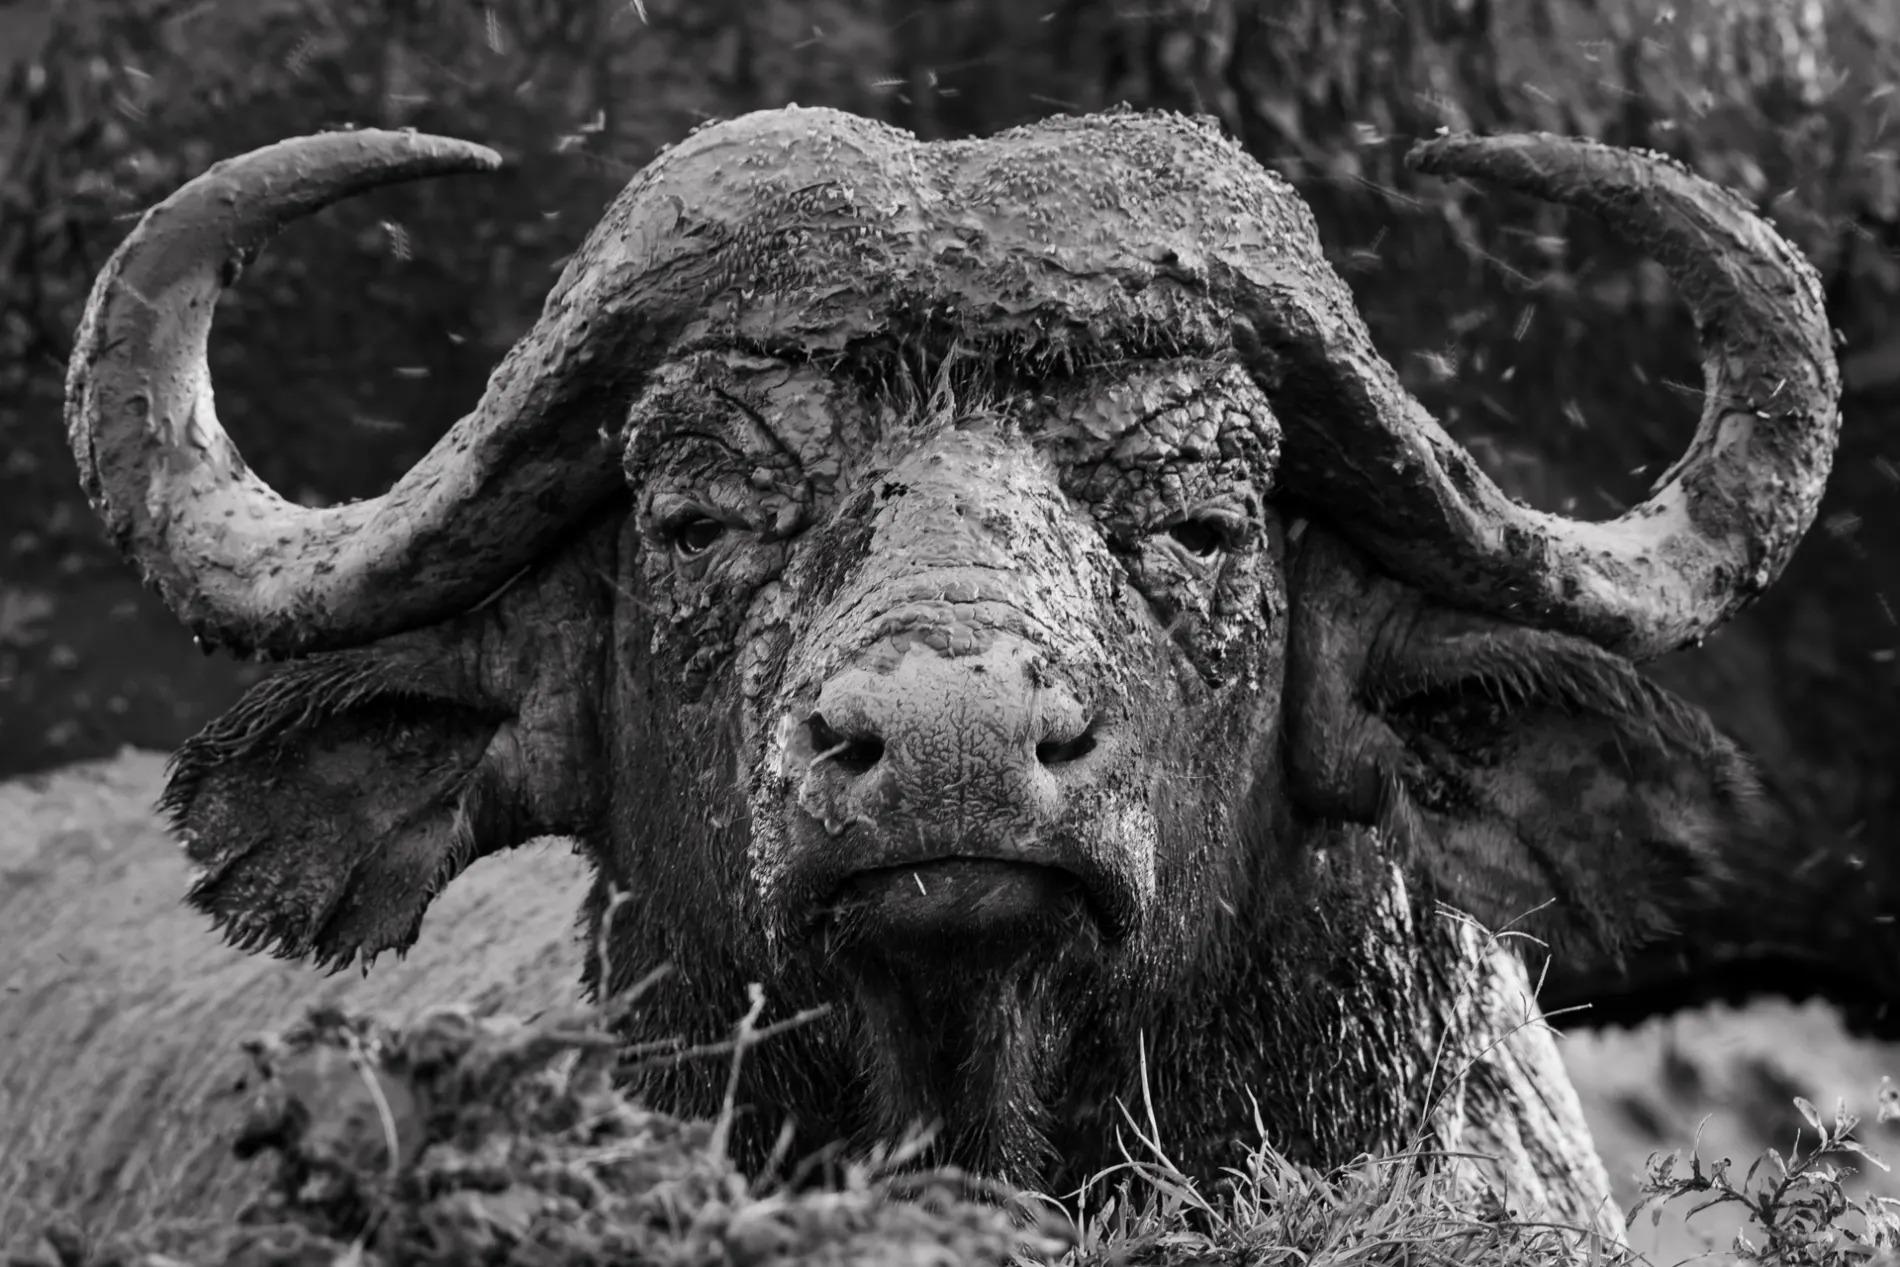 Buffalo face